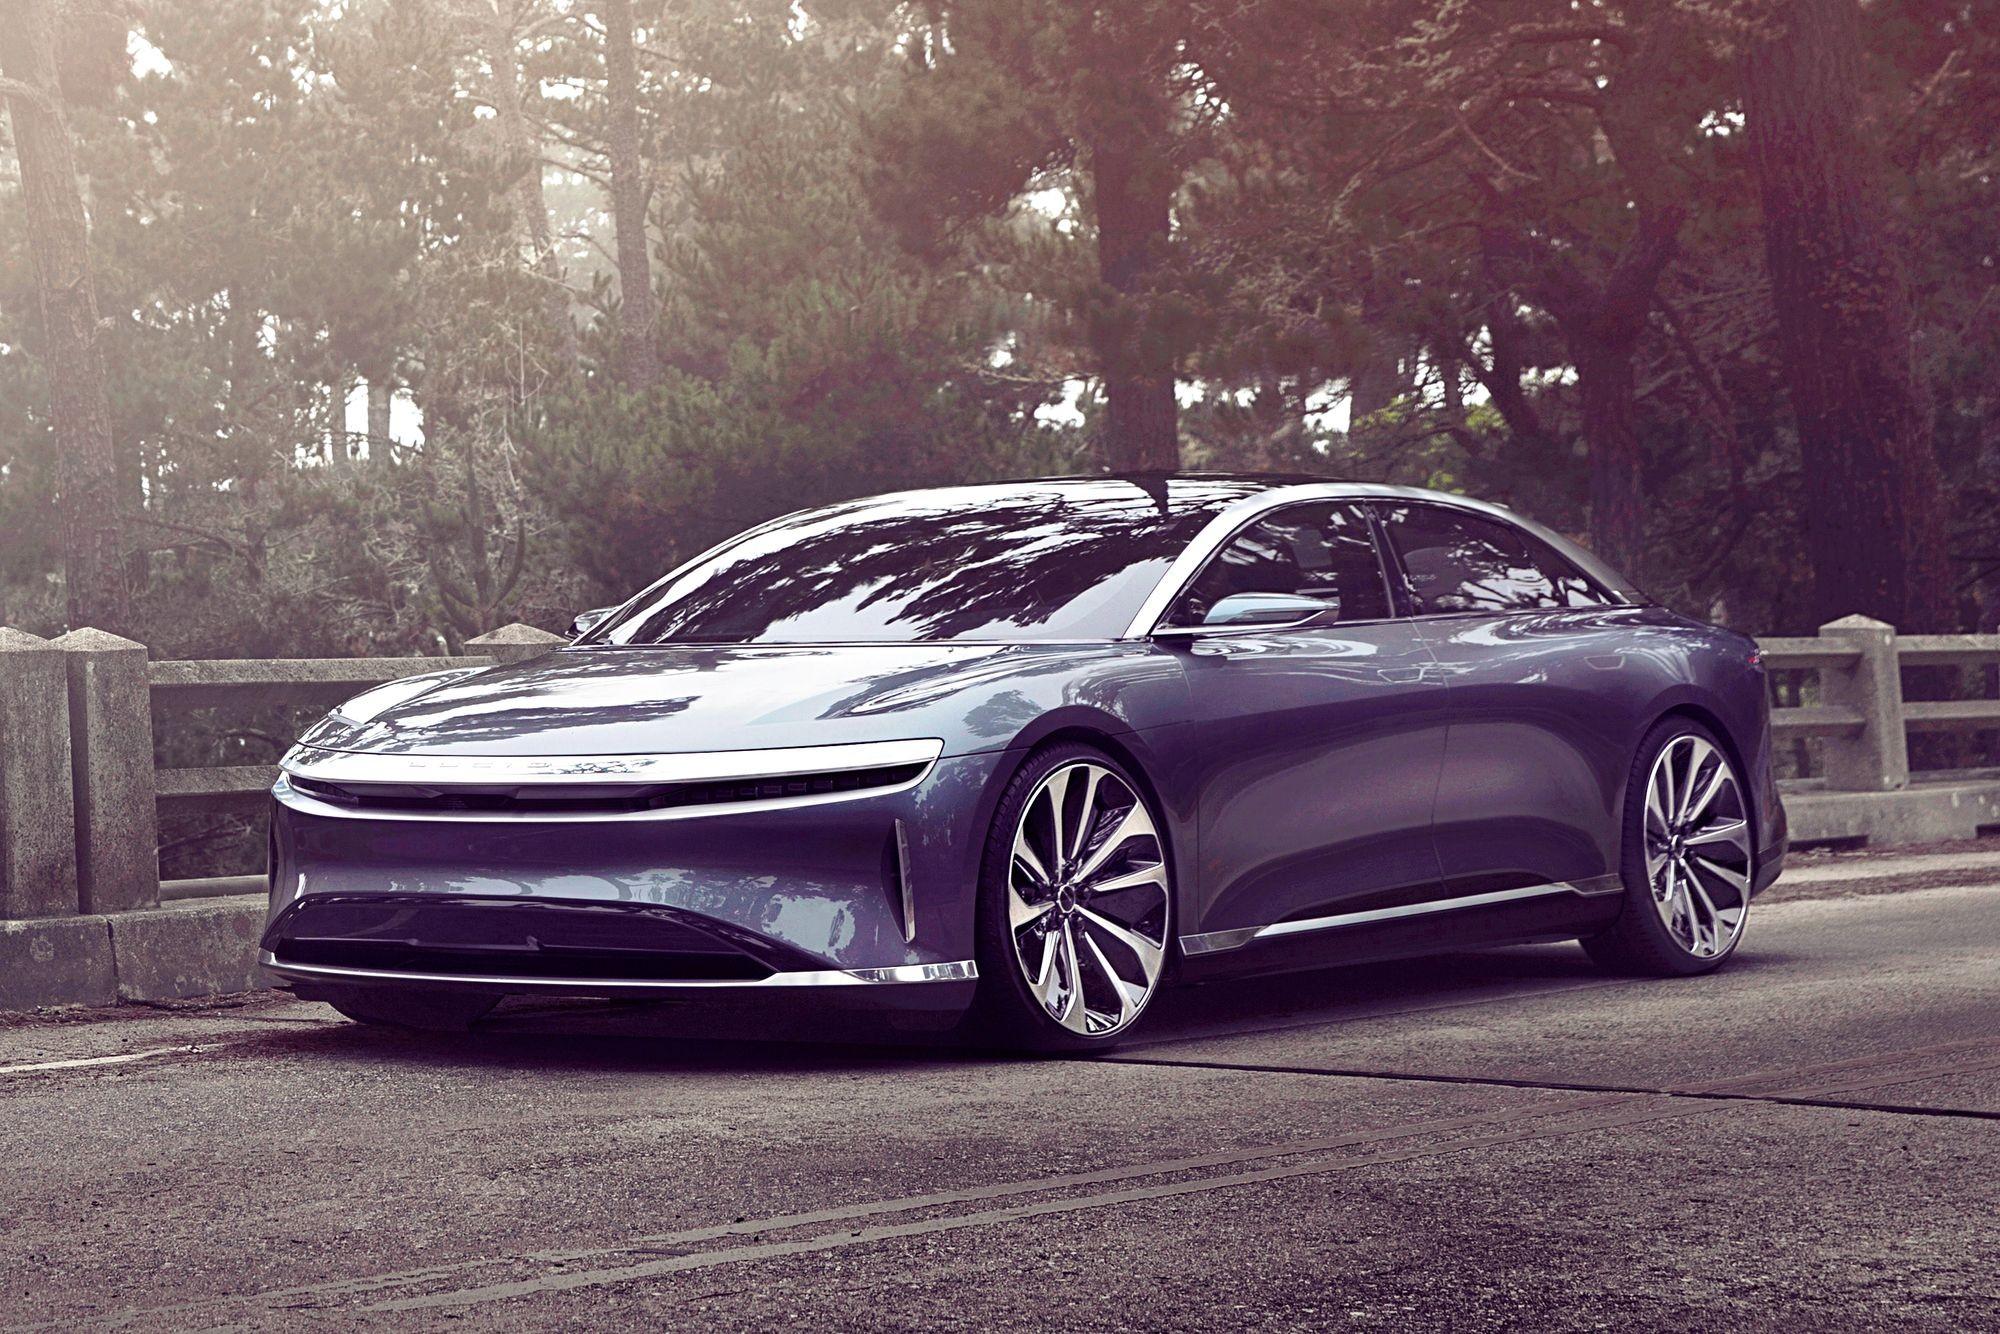 Серийный Lucid Air покажут только в сентябре, и он уже проиграл Tesla Model S